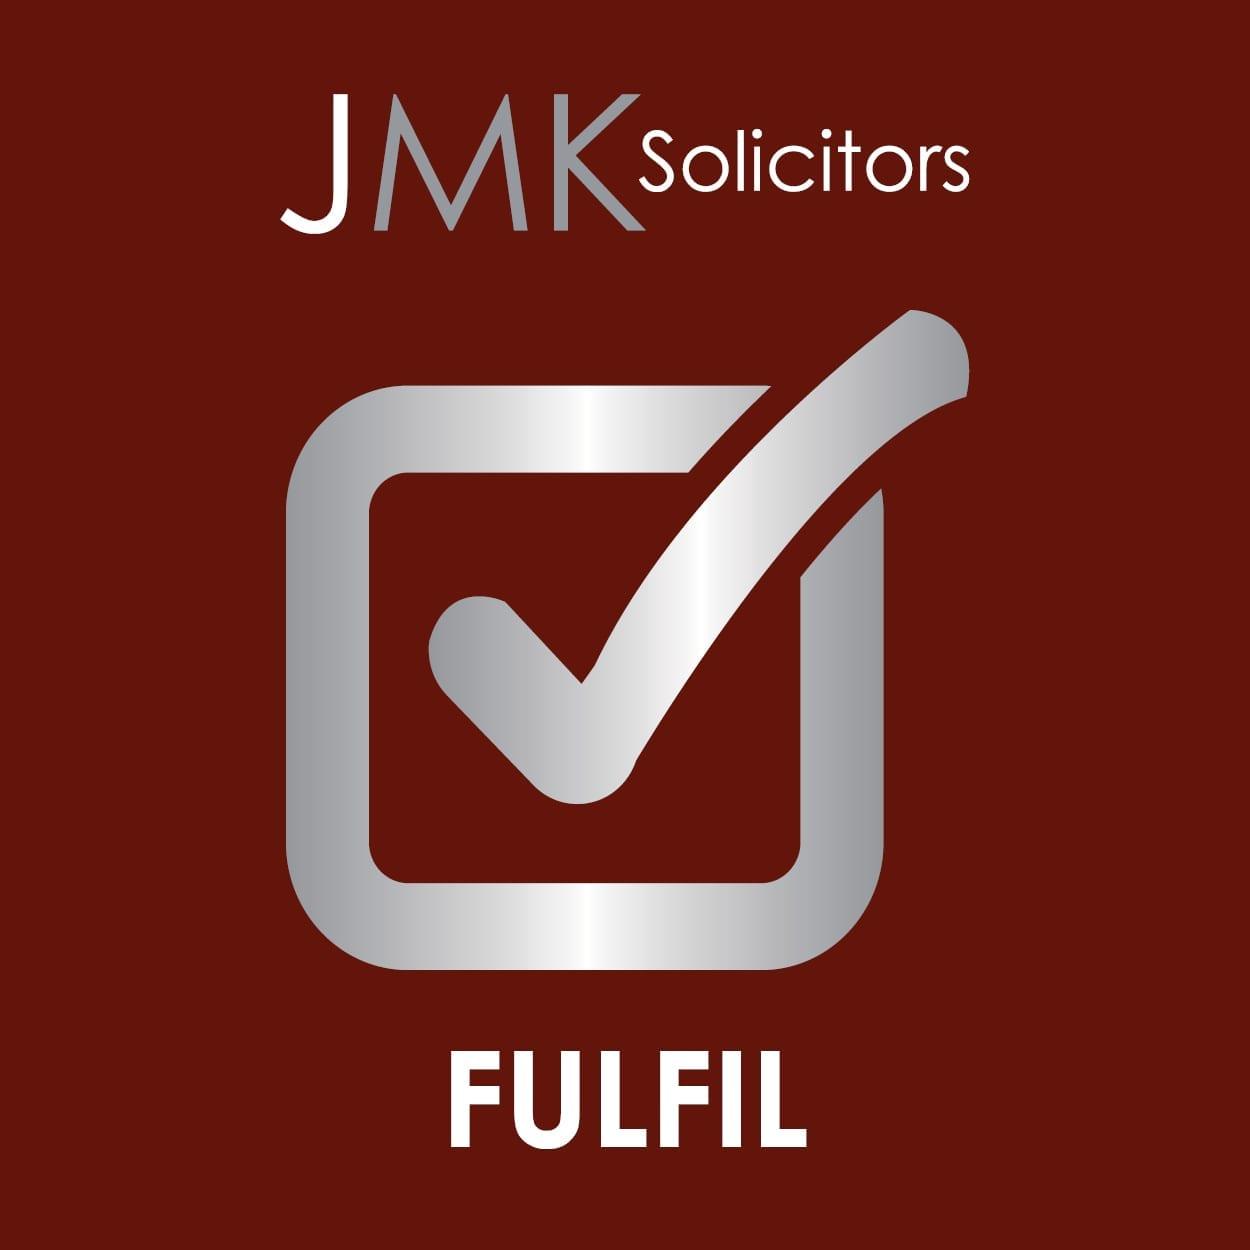 Fulfil JMK Solicitors Values